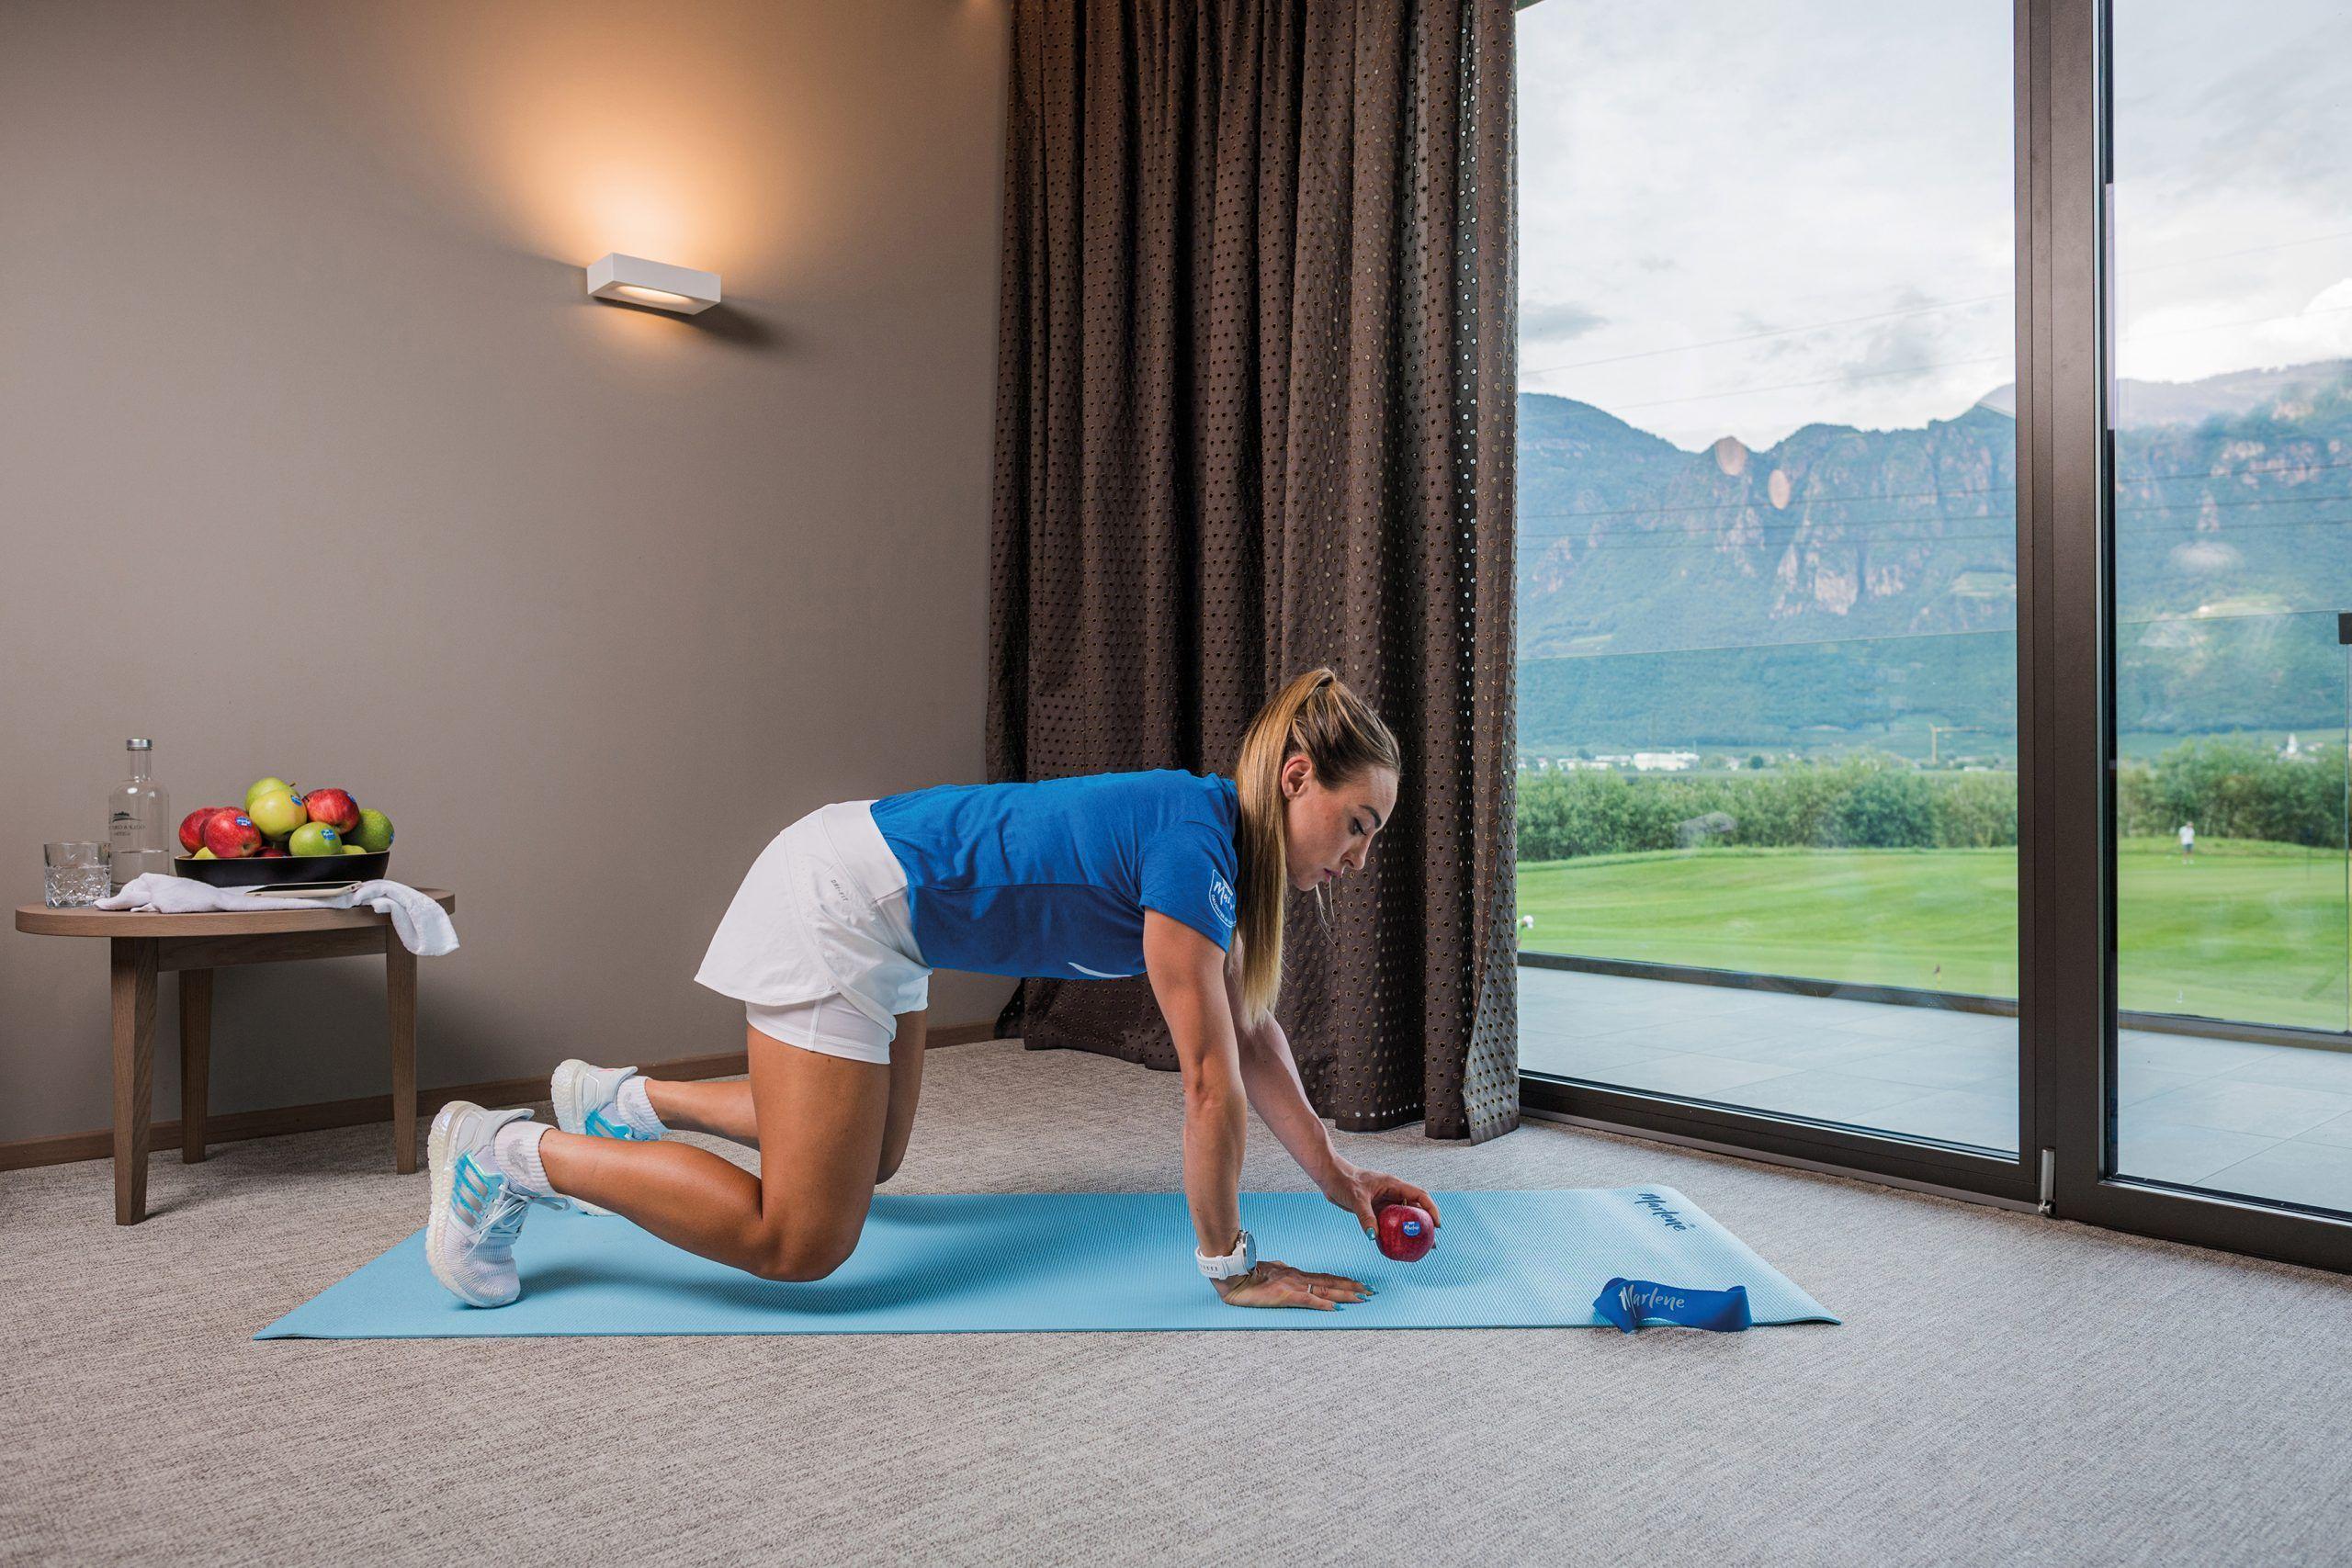 tonificar brazos y piernas anti-rotación a cuatro patas